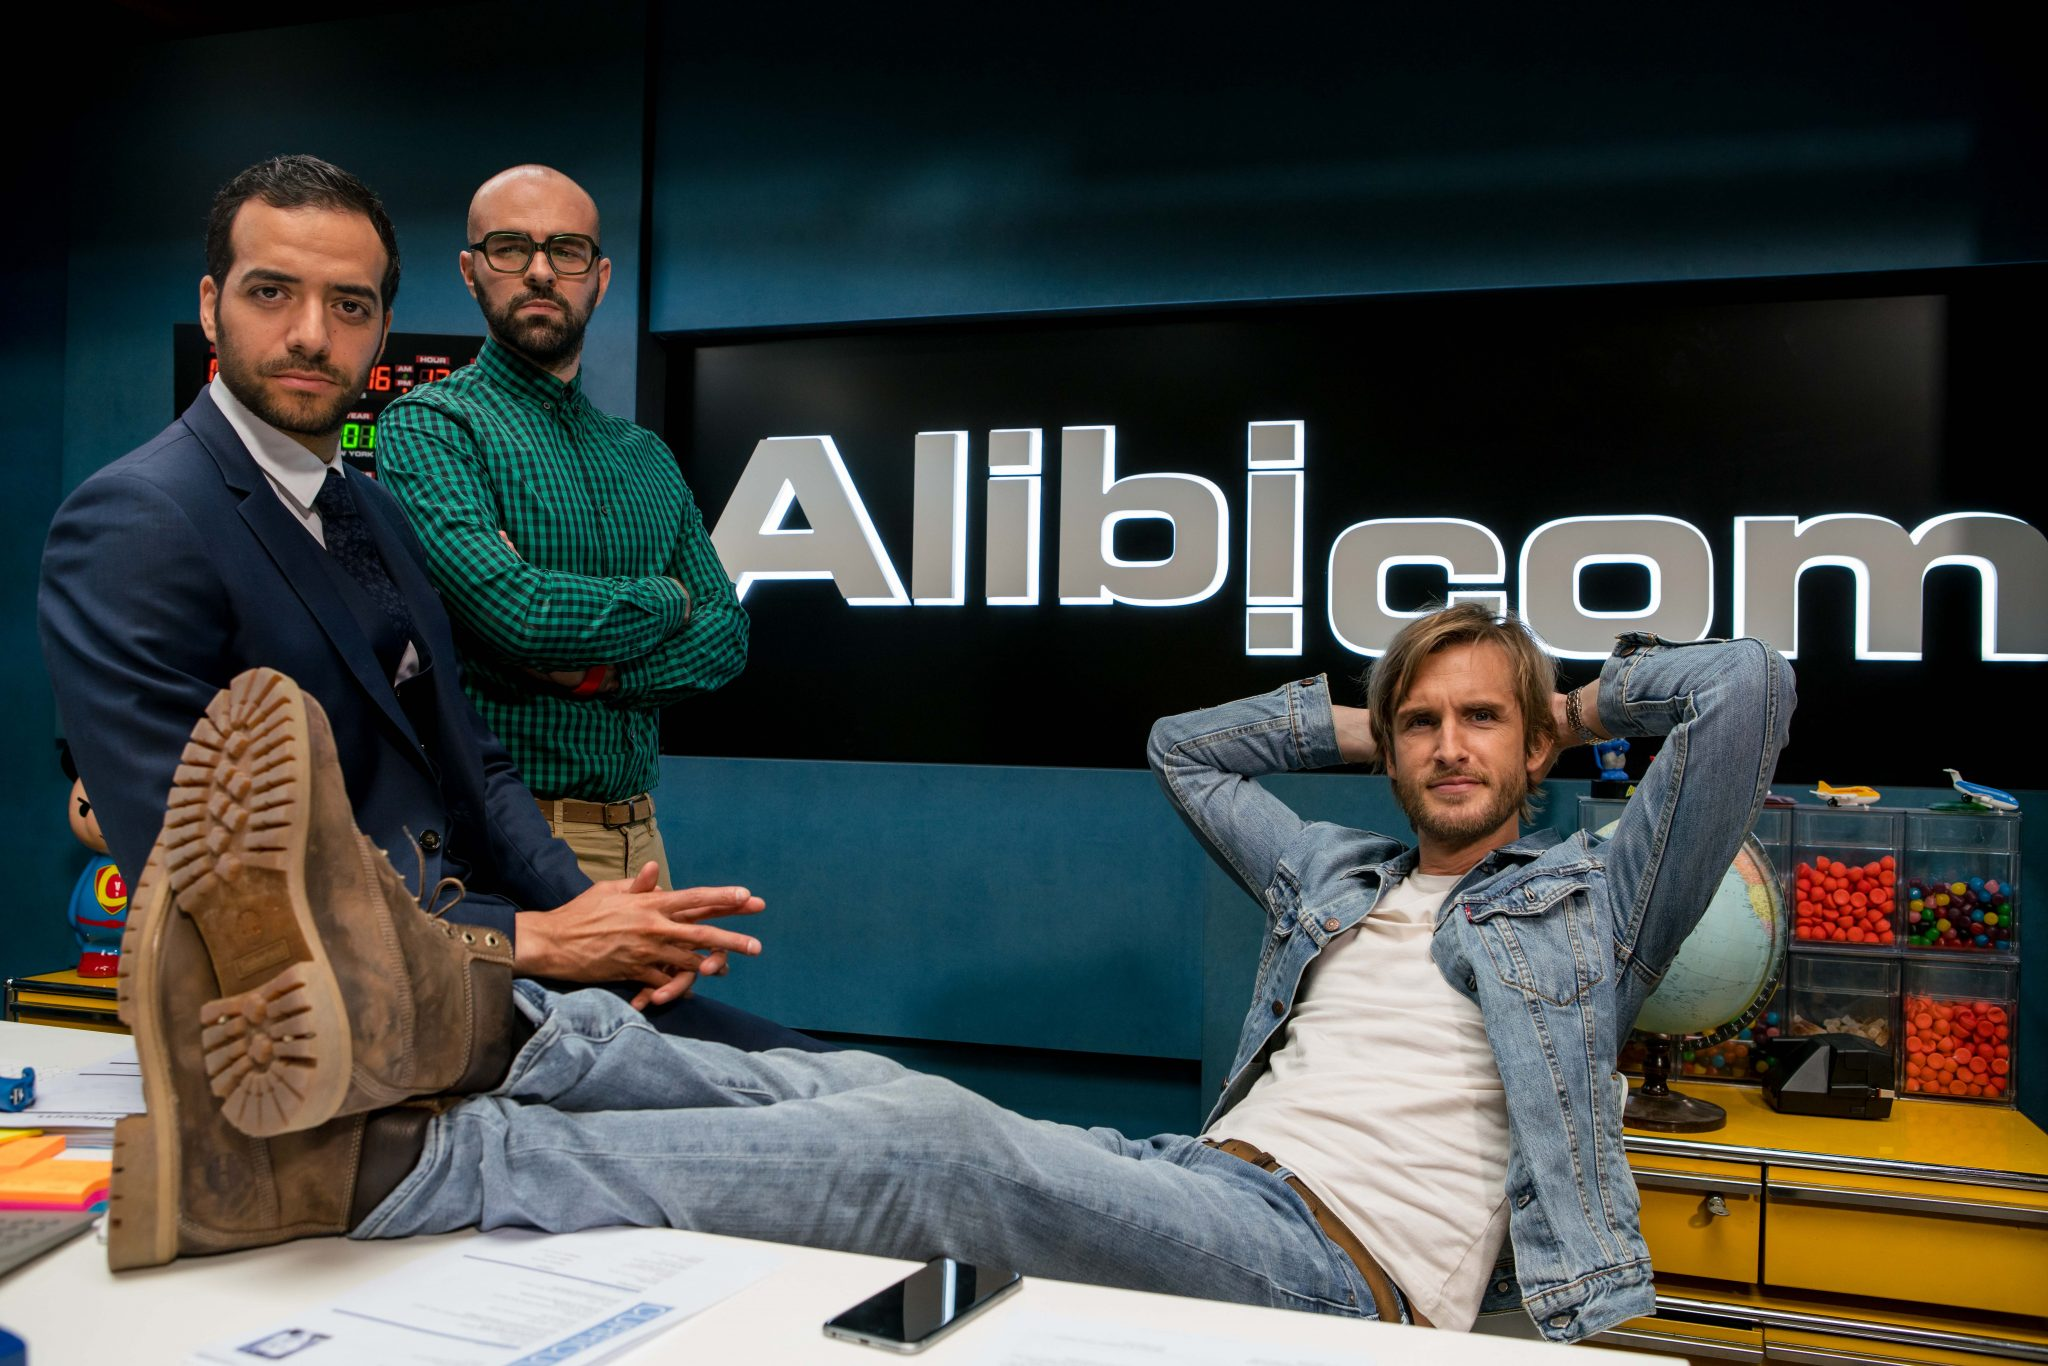 Alibi.com photo